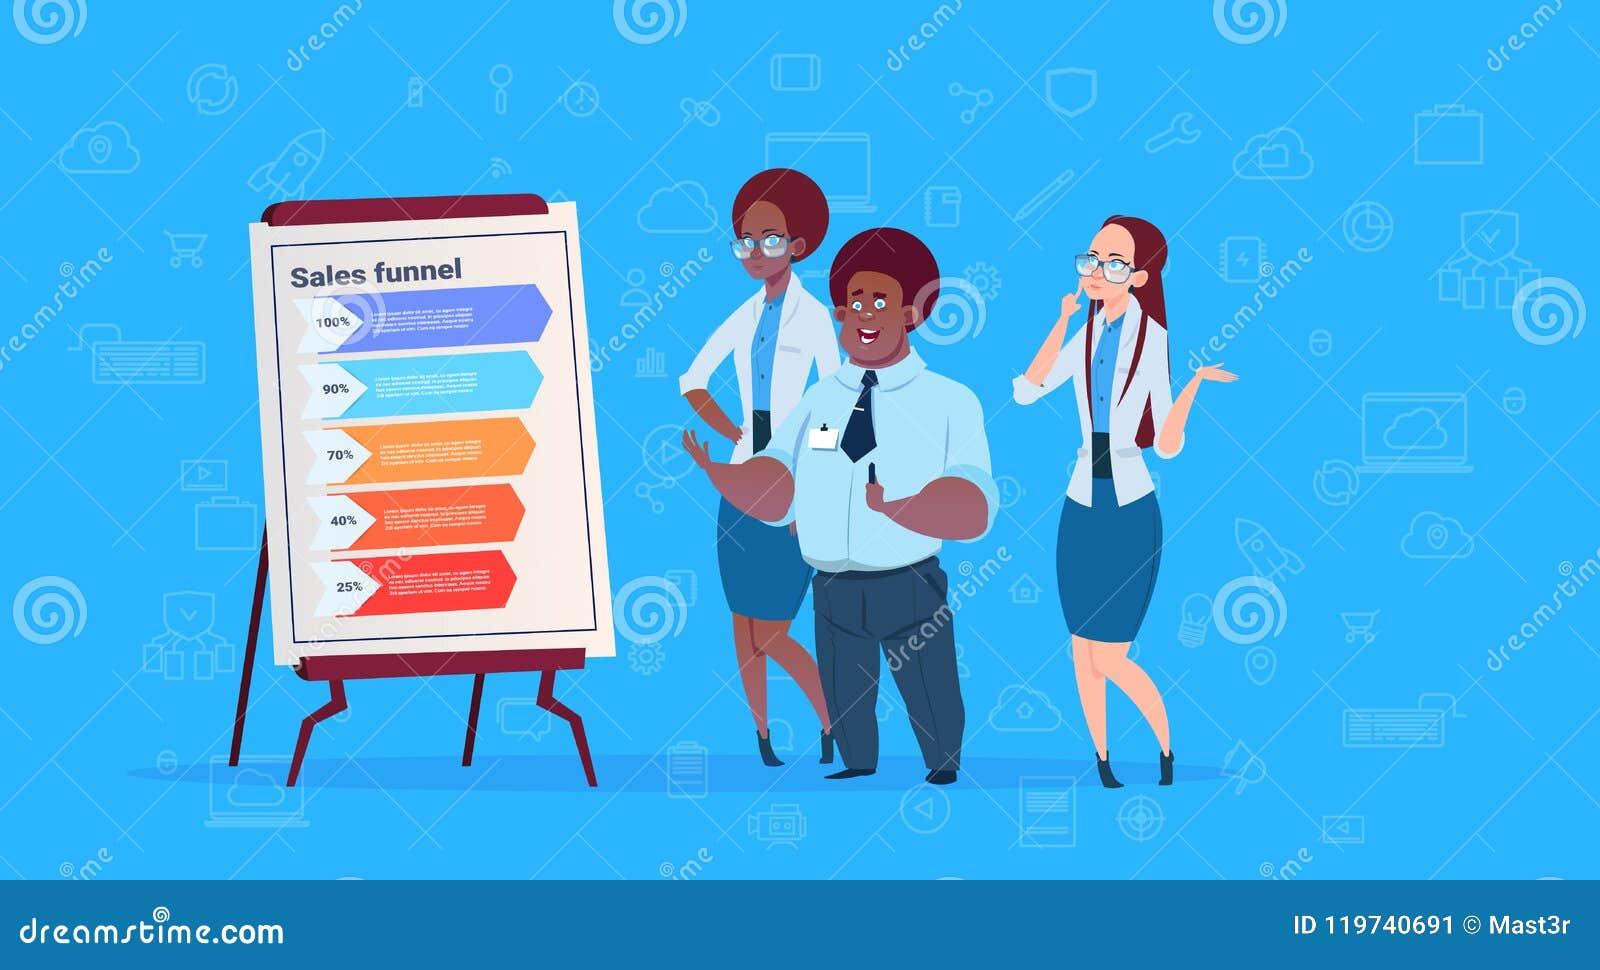 混合种族买卖人合作举行活动挂图数据云彩与步演员动作infographic结束蓝色的销售漏斗